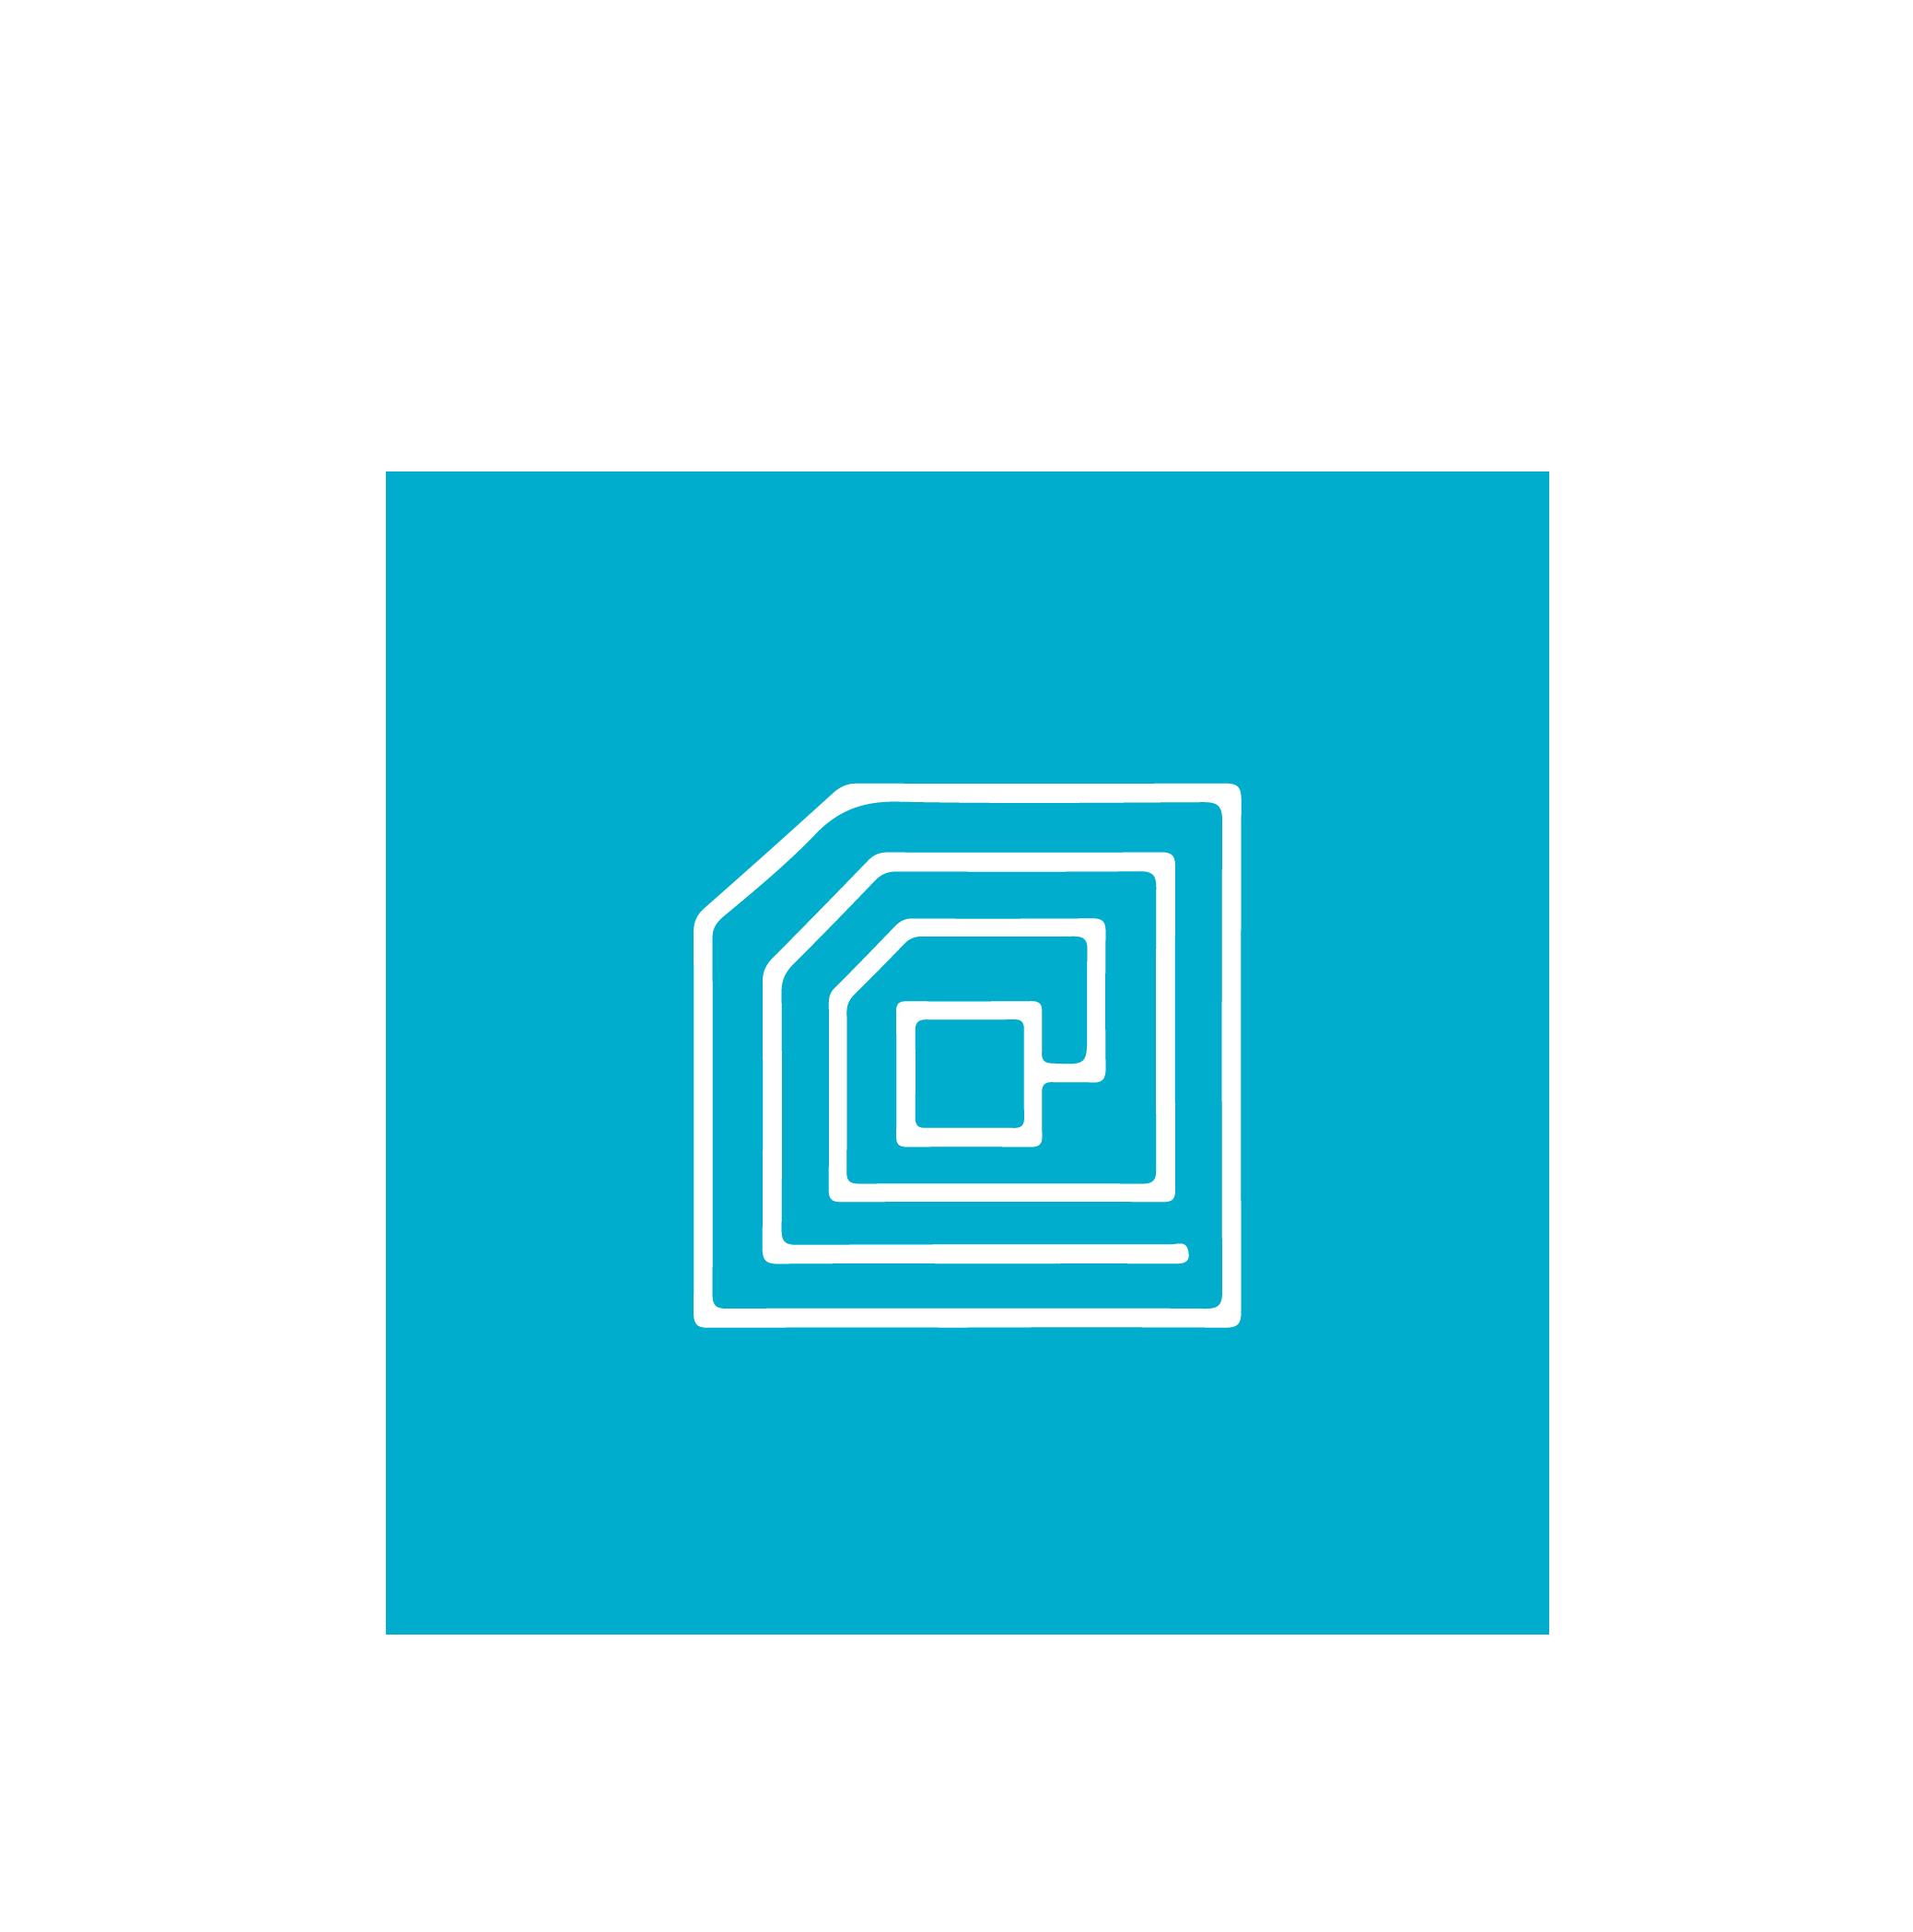 Varias soluciones basadas en RFID